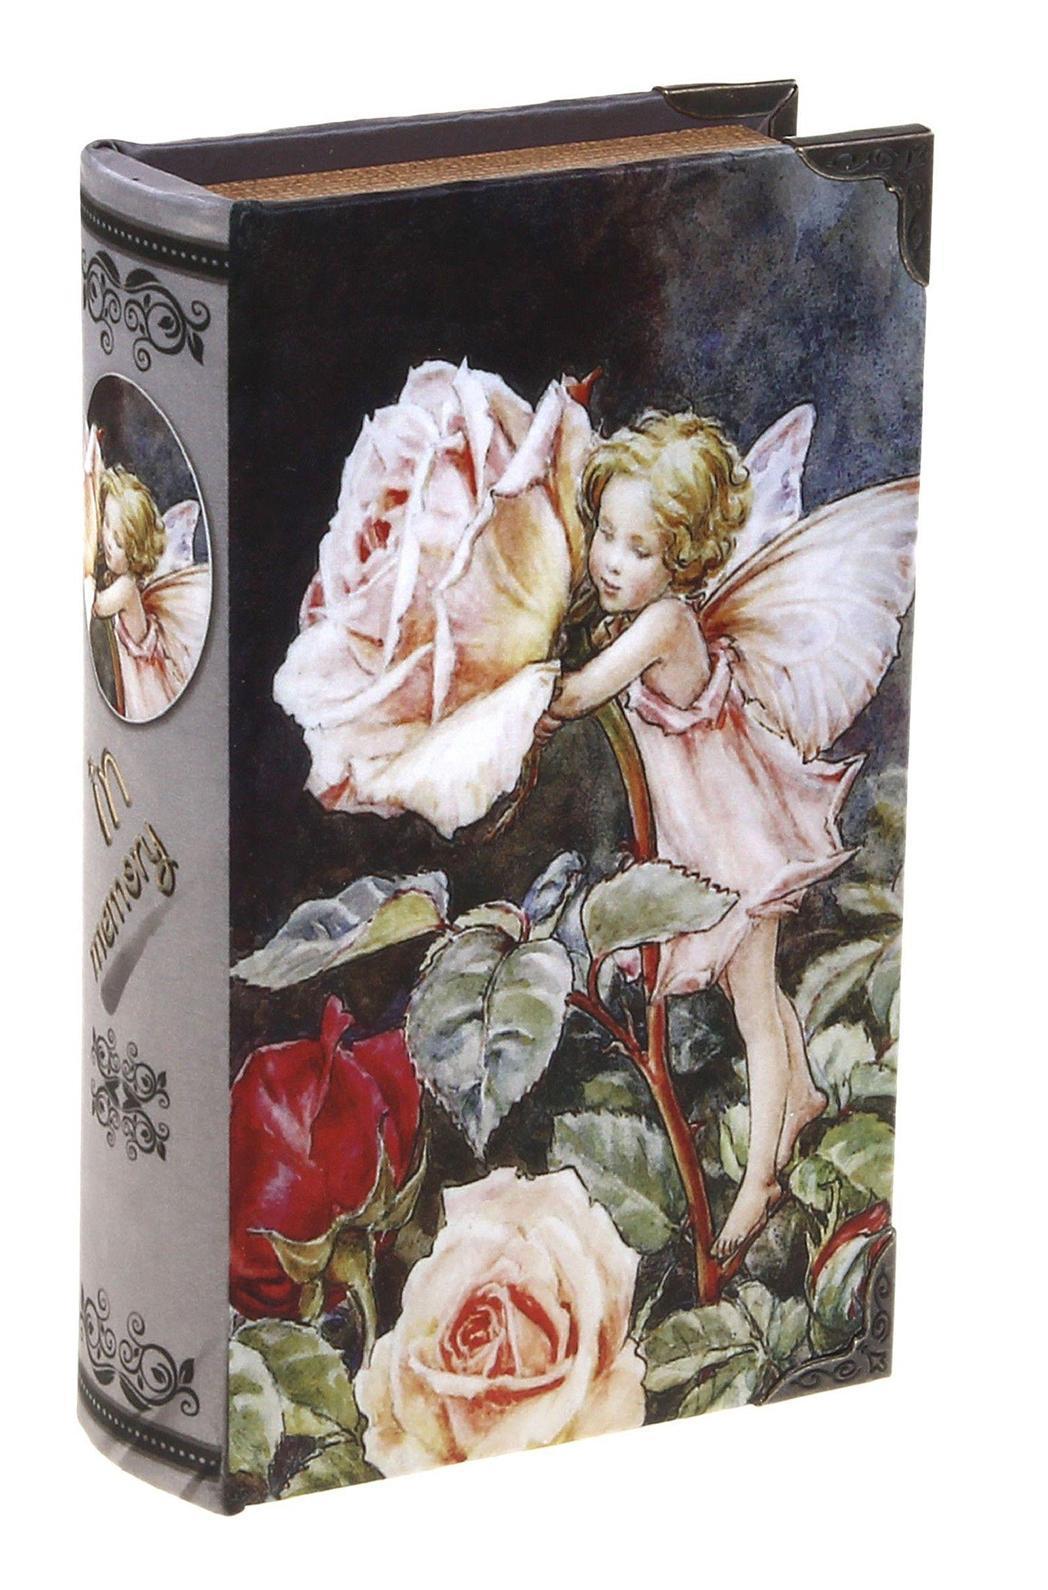 Книга-сейф Голландские розы, с ключом. 521802521802Выбор подарка – непростая задача для многих. Сейф-книга Голландские розы обтянута шелком - не просто подарок, но и гарантия хорошего настроения, ведь это красивая вещь из качественного, безопасного для здоровья материала. Данный товар может пополнить коллекцию уже существующих сувениров или стать началом новой коллекции. Надолго сохранит память о замечательном дне и о том, кто вручил подарок. Уже сегодня вы можете купить оптом данный сувенир в нашем интернет-магазине. Характеристики: Материал: дерево, металл, текстиль. Цвет: мульти. Размер книги-сейфа: 10,5 см x 17 см x 4,5 см. Размер упаковки: 12 см х 18 см х 5,5 см. Артикул: 521802.